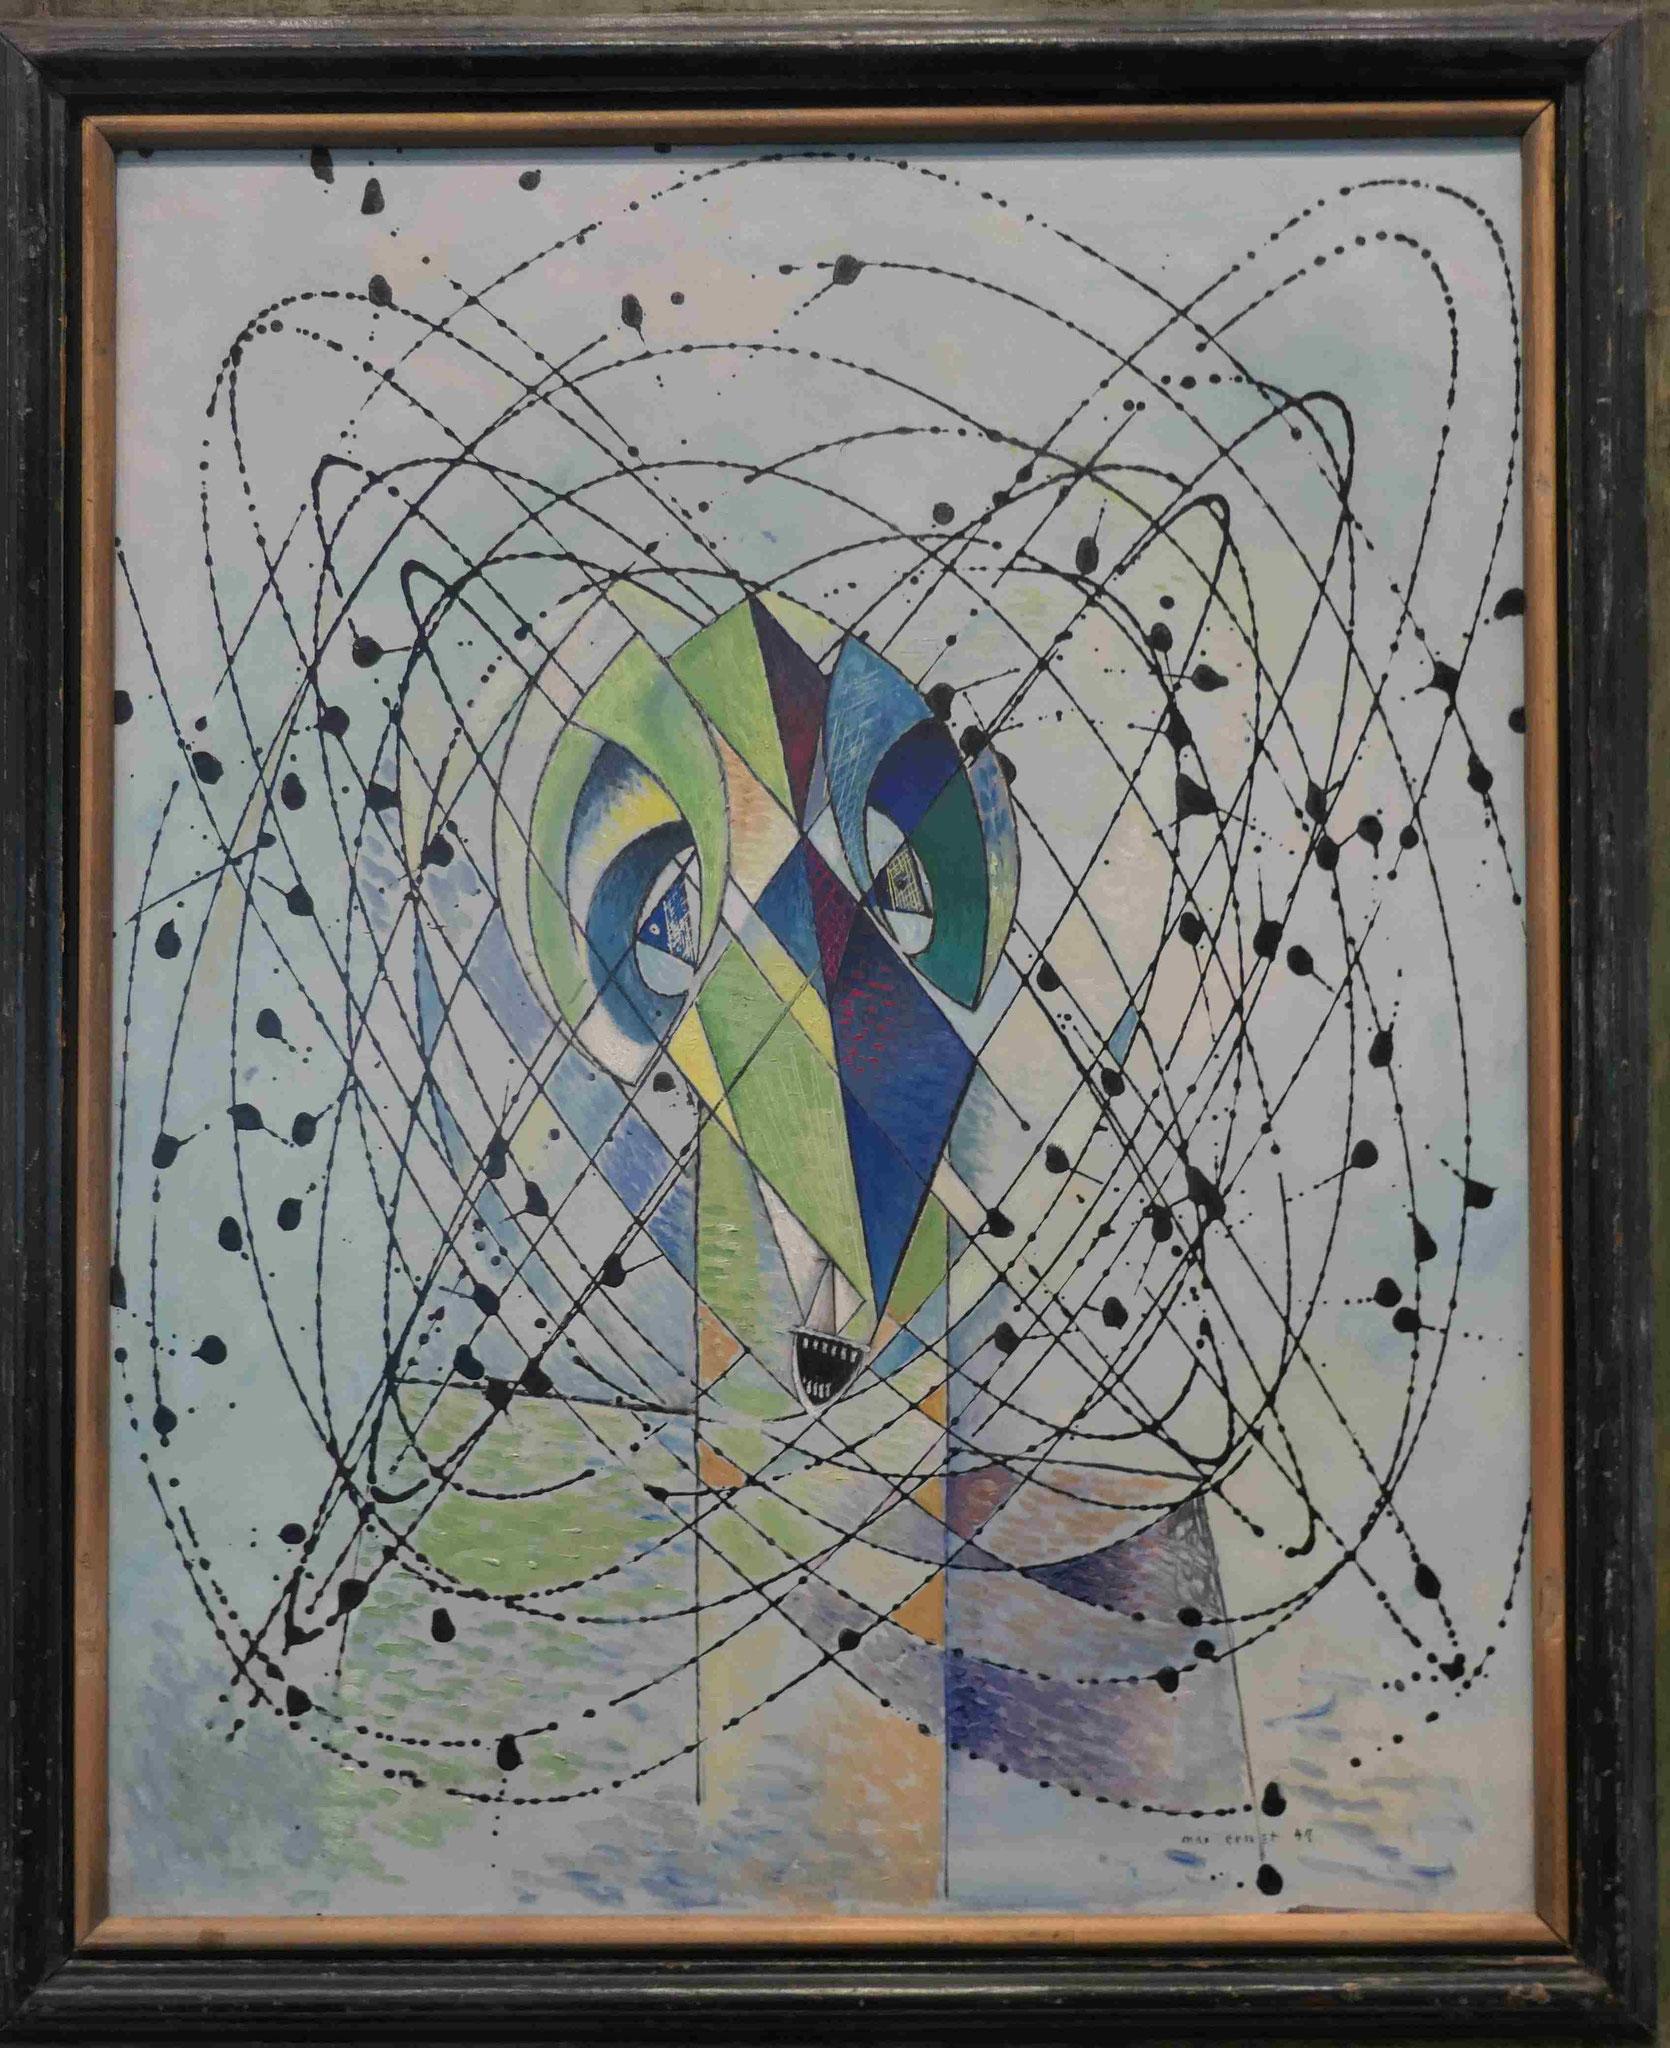 Max Ernst, Junger Mann, beunruhigt durch den Flug einer nicht-euklidischen Fliege, 1942/47, Neue Nationalgalerie Berlin